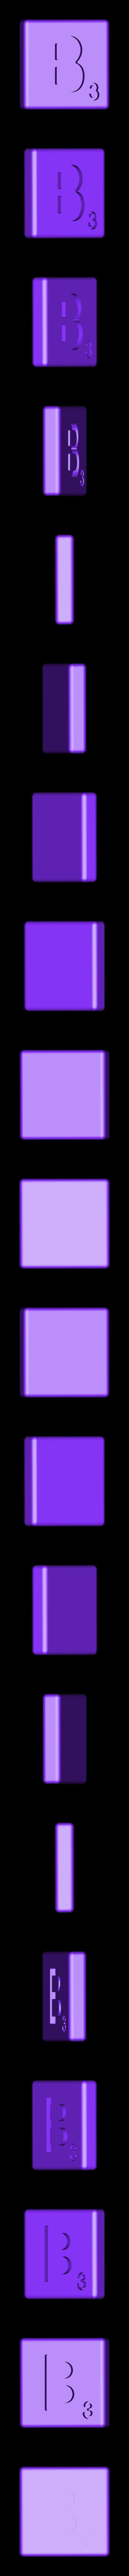 Dual_Shell_B.STL Télécharger fichier STL gratuit Pièces et support SCRABBBLE • Design pour imprimante 3D, Balkhagal4D